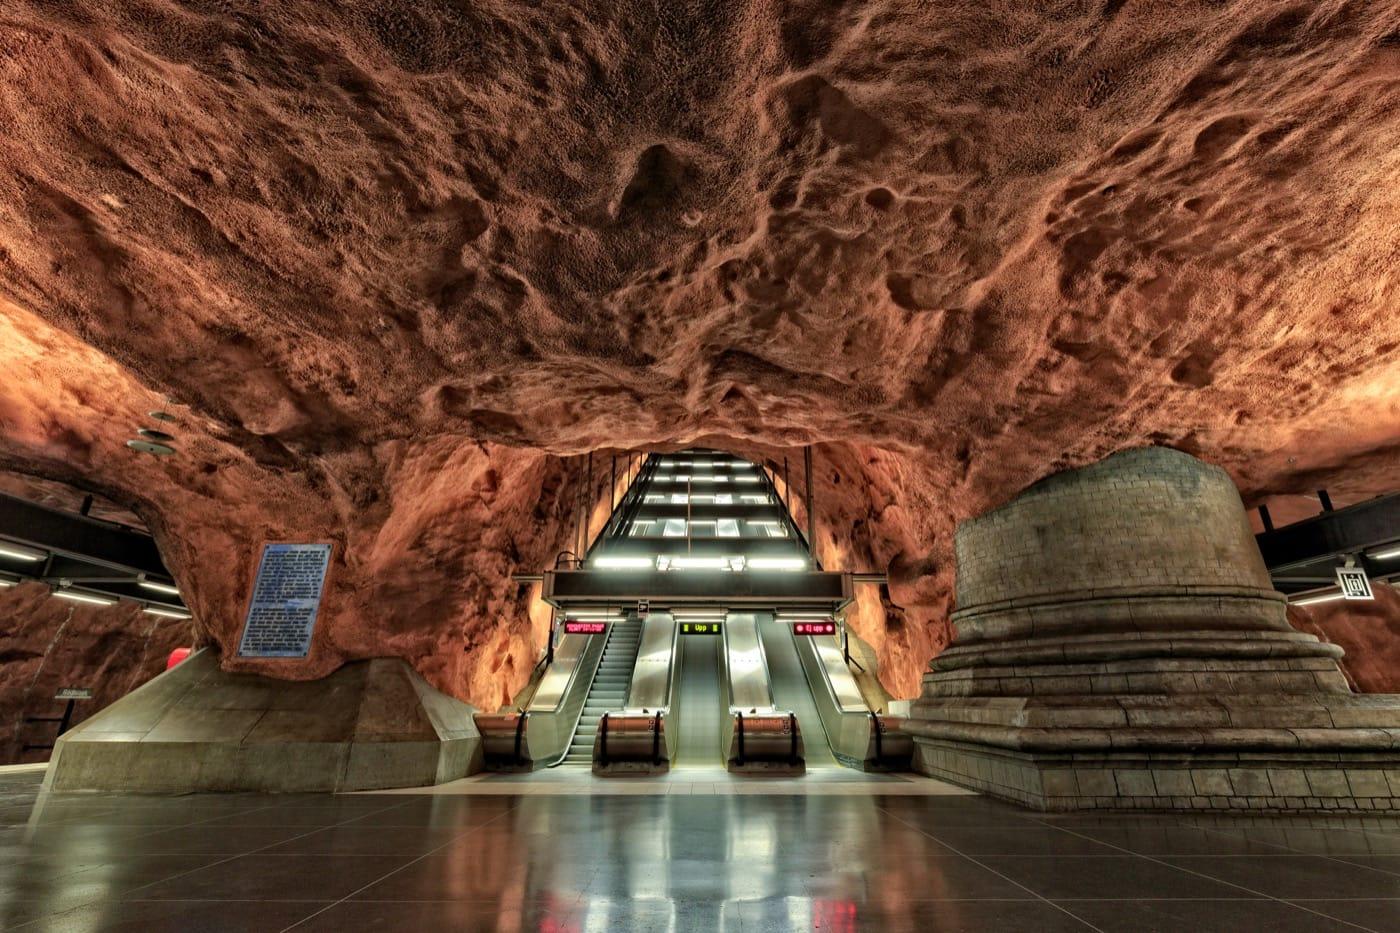 Un universo, estación por estación: Sistema de trenes en Estocolmo